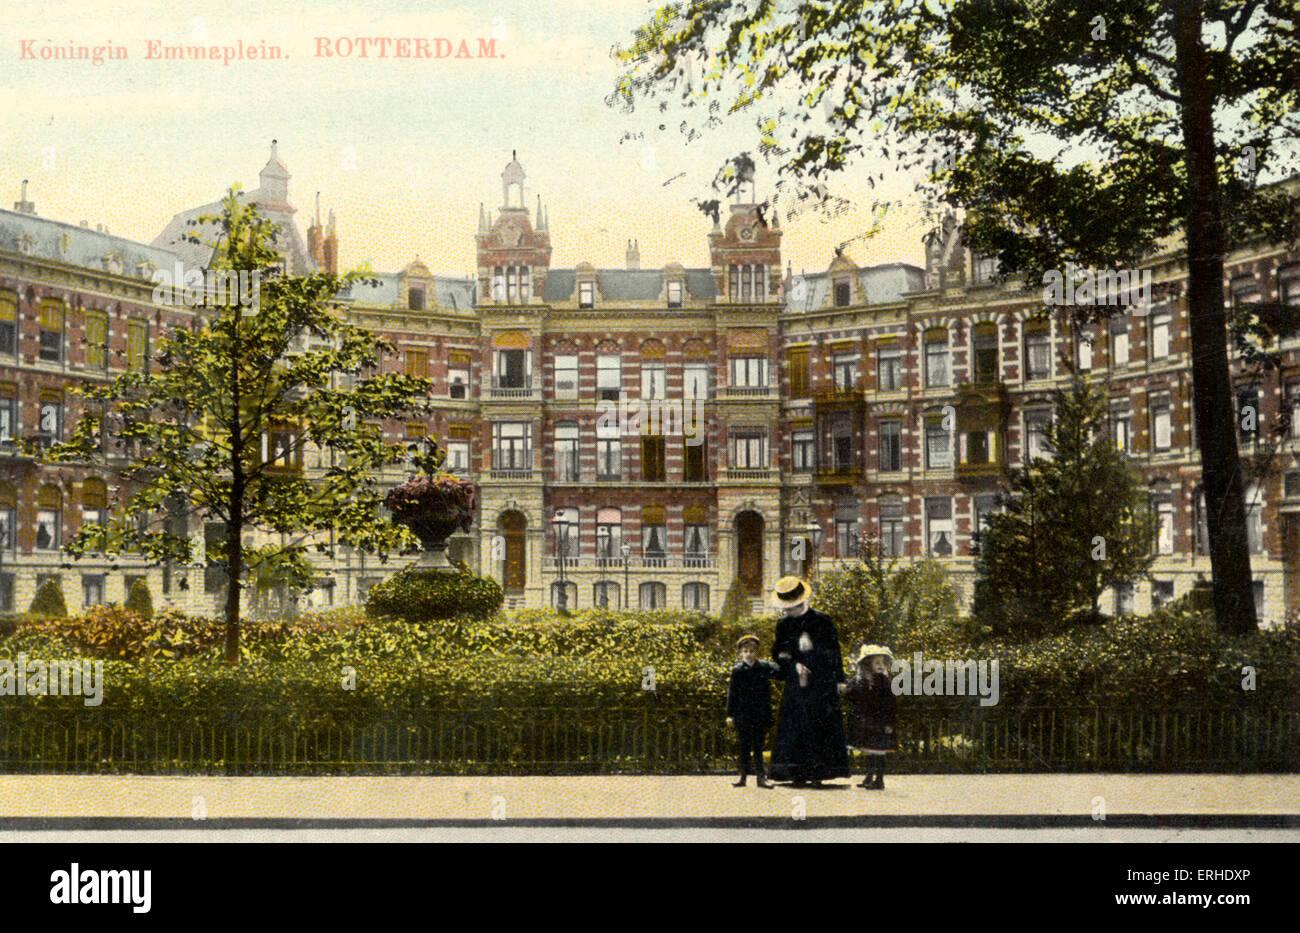 Rotterdam Square With Garden And Children. Koningin, Emmaplein, Queen Emma  Square Rotterdam